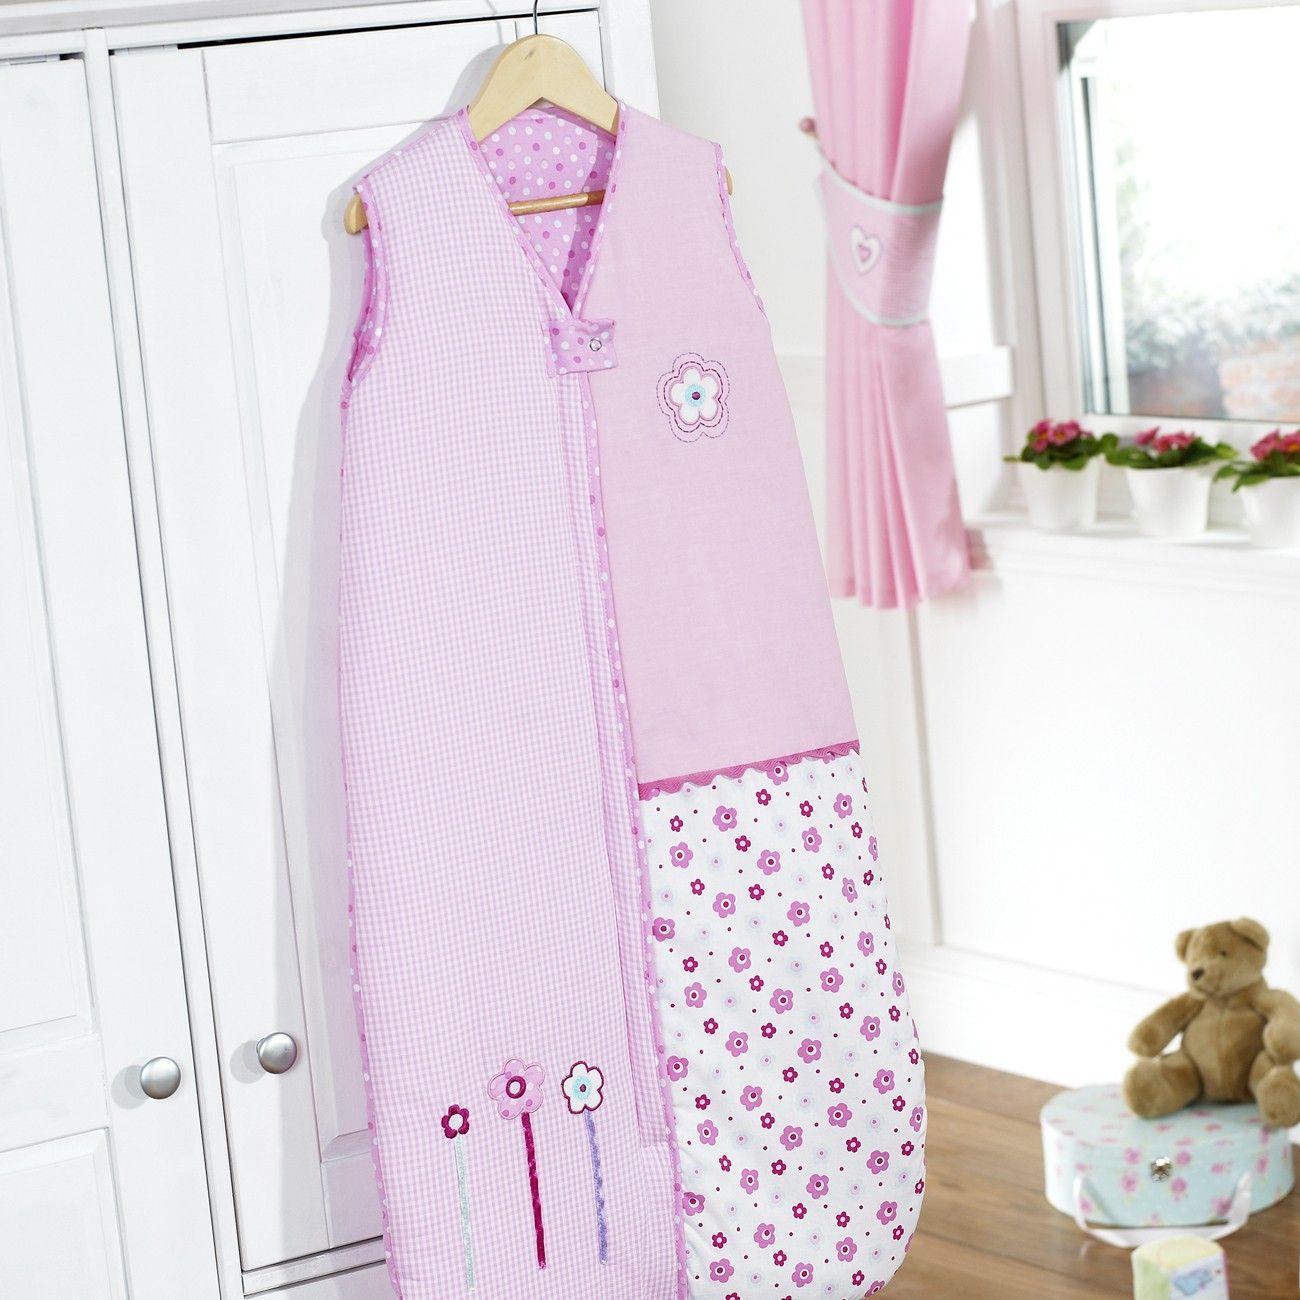 purfect sleep bag, girls sleeping bag, girls sleep bag, #nurserybedding, #bedebyesbedding, #nurseryinteriors, bed e byes purfect bedding, girls bedding, girls baby bedding